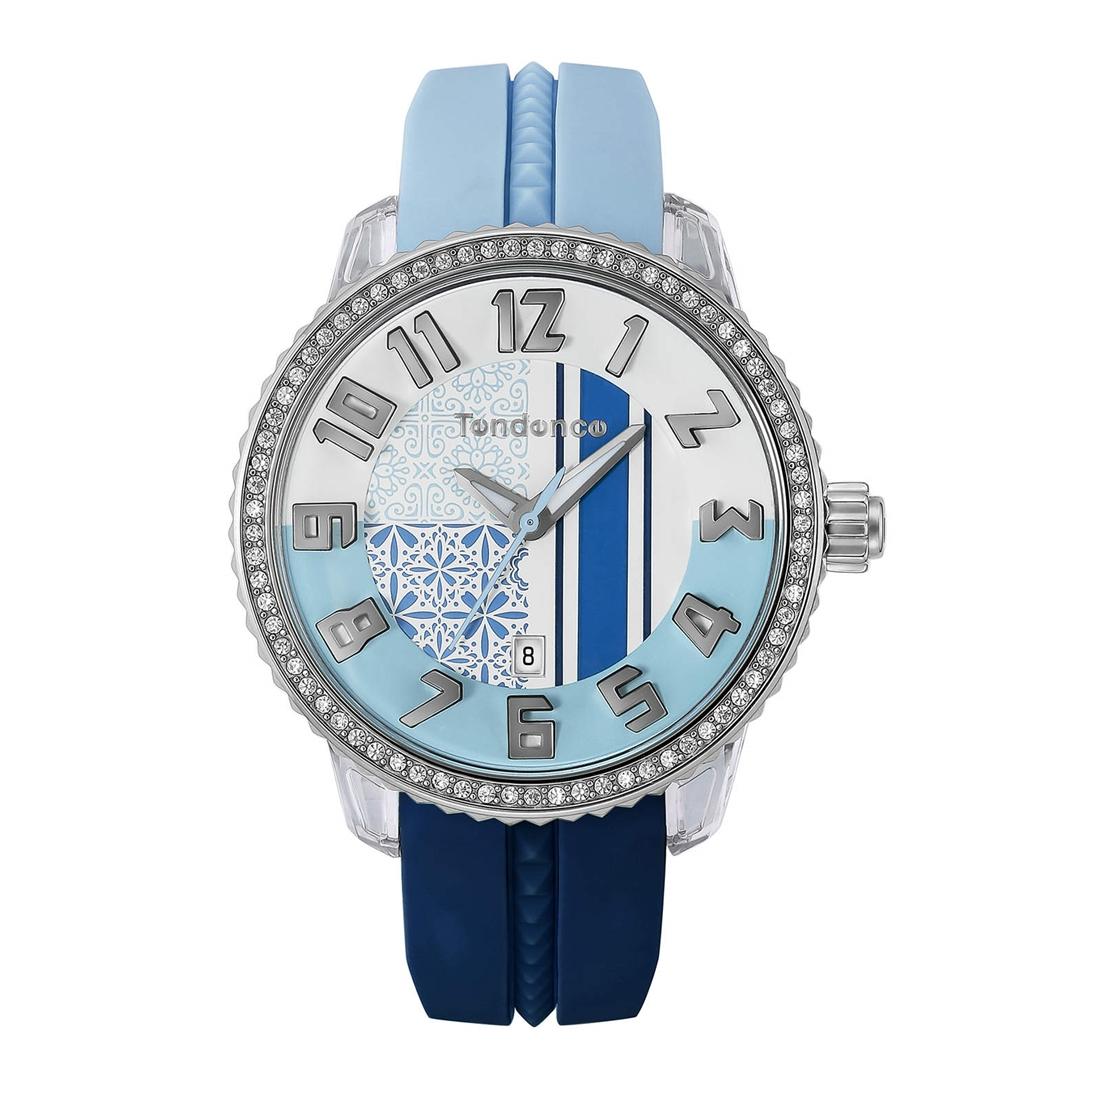 正規品 Tendence テンデンス TY930064 クレイジー 腕時計